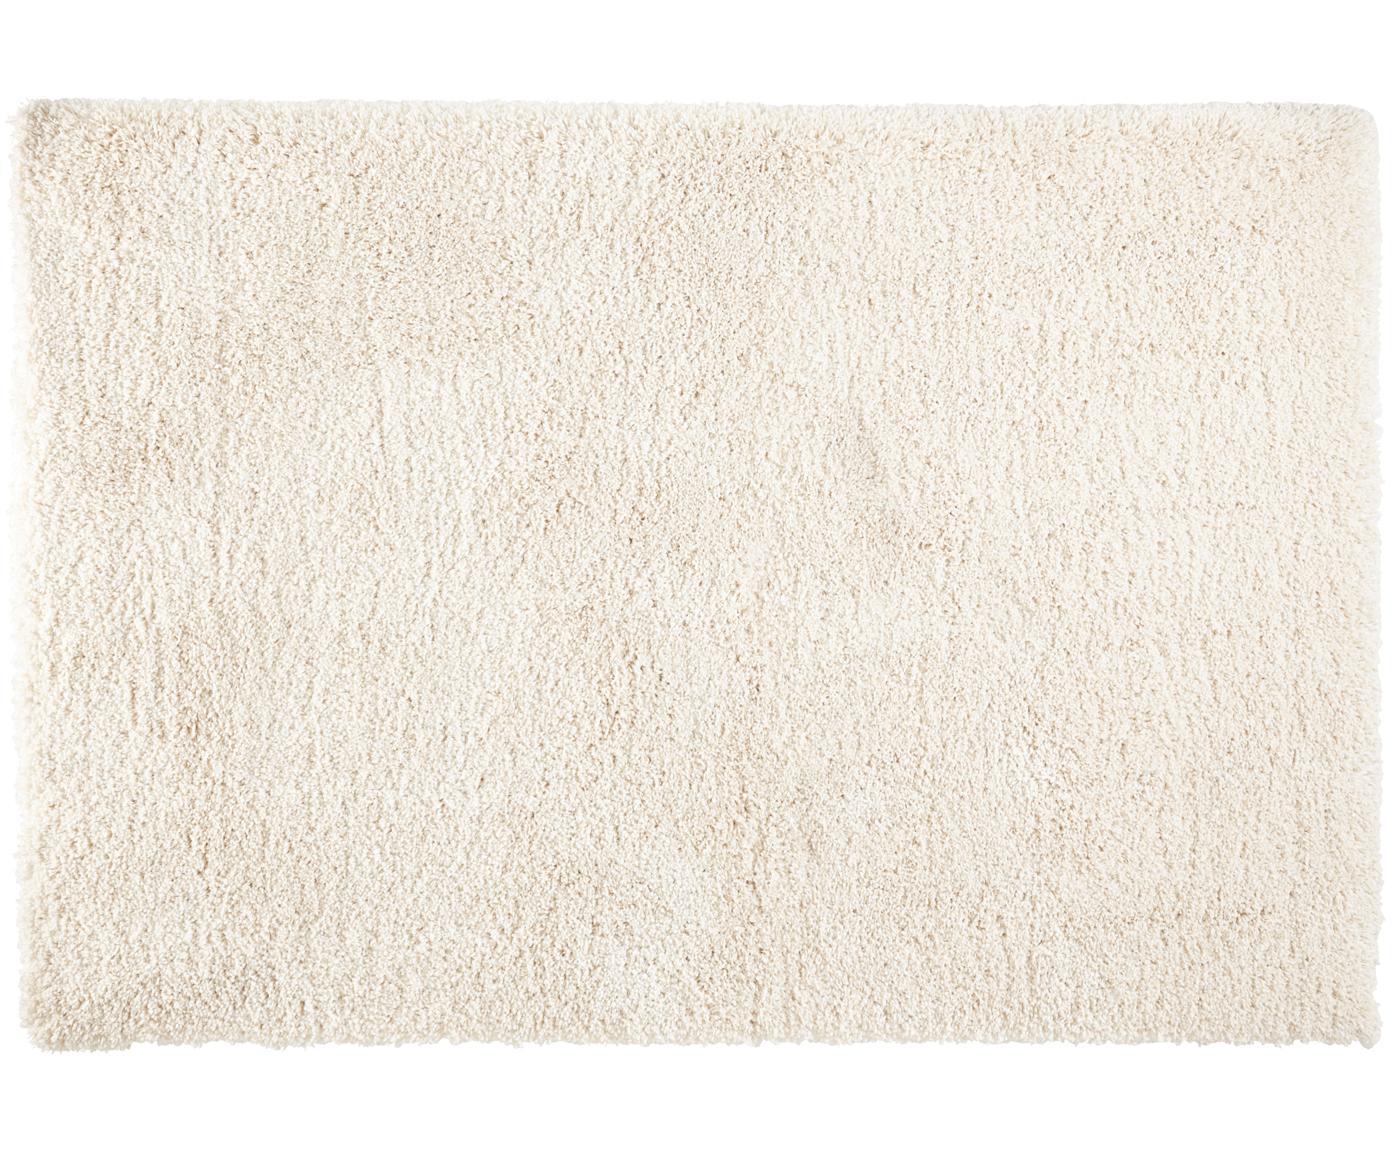 Pluizig hoogpolig vloerkleed Venice, Bovenzijde: polypropyleen, Onderzijde: jute, Crèmekleurig, B 80 x L 150 cm (maat XS)